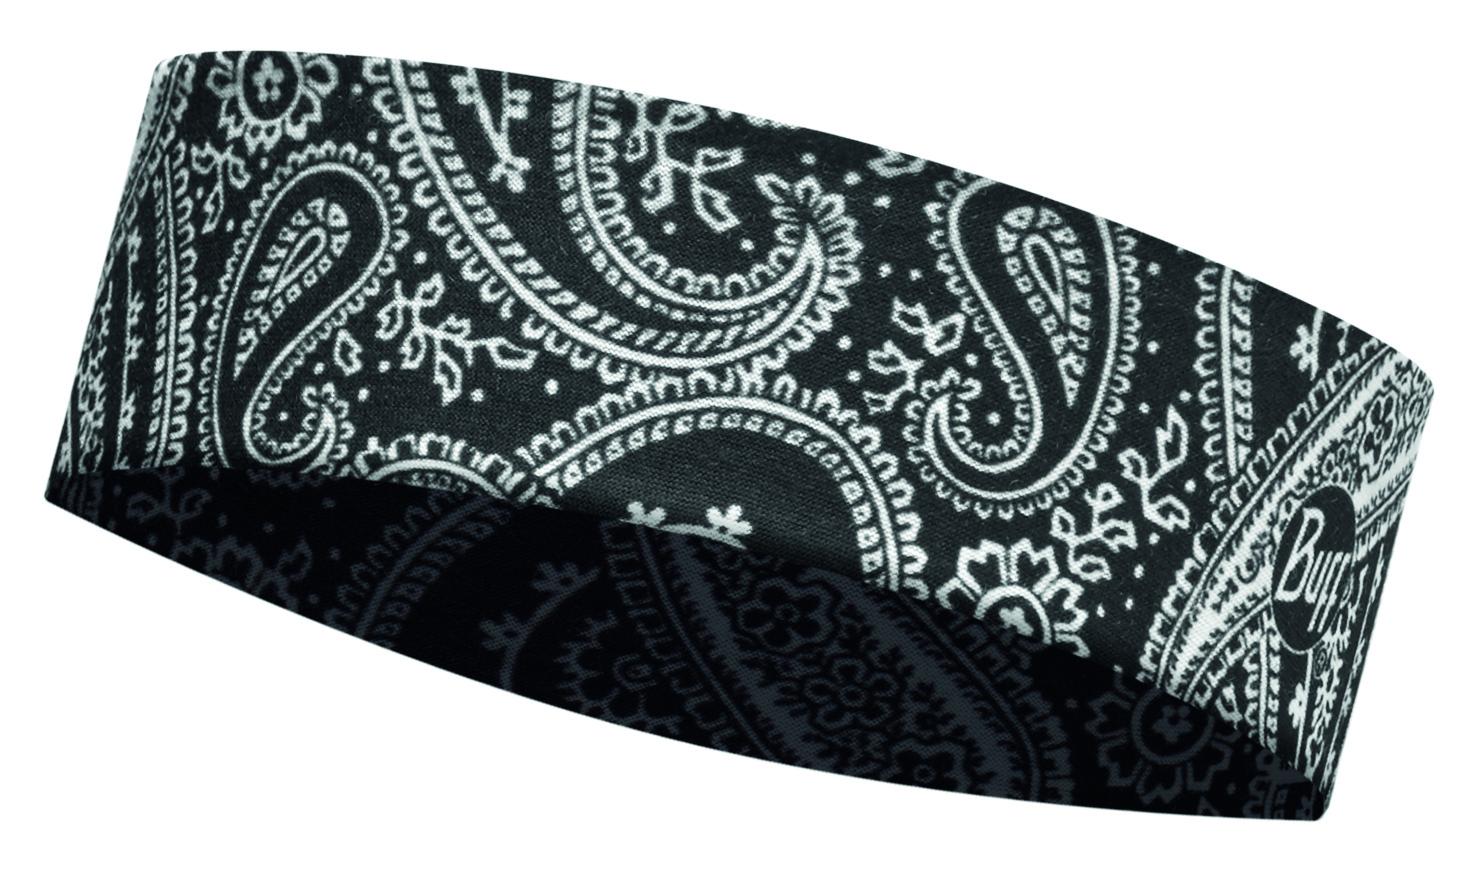 Повязка BUFF Headband CAIL BLACK Банданы и шарфы Buff ® 1312850  - купить со скидкой